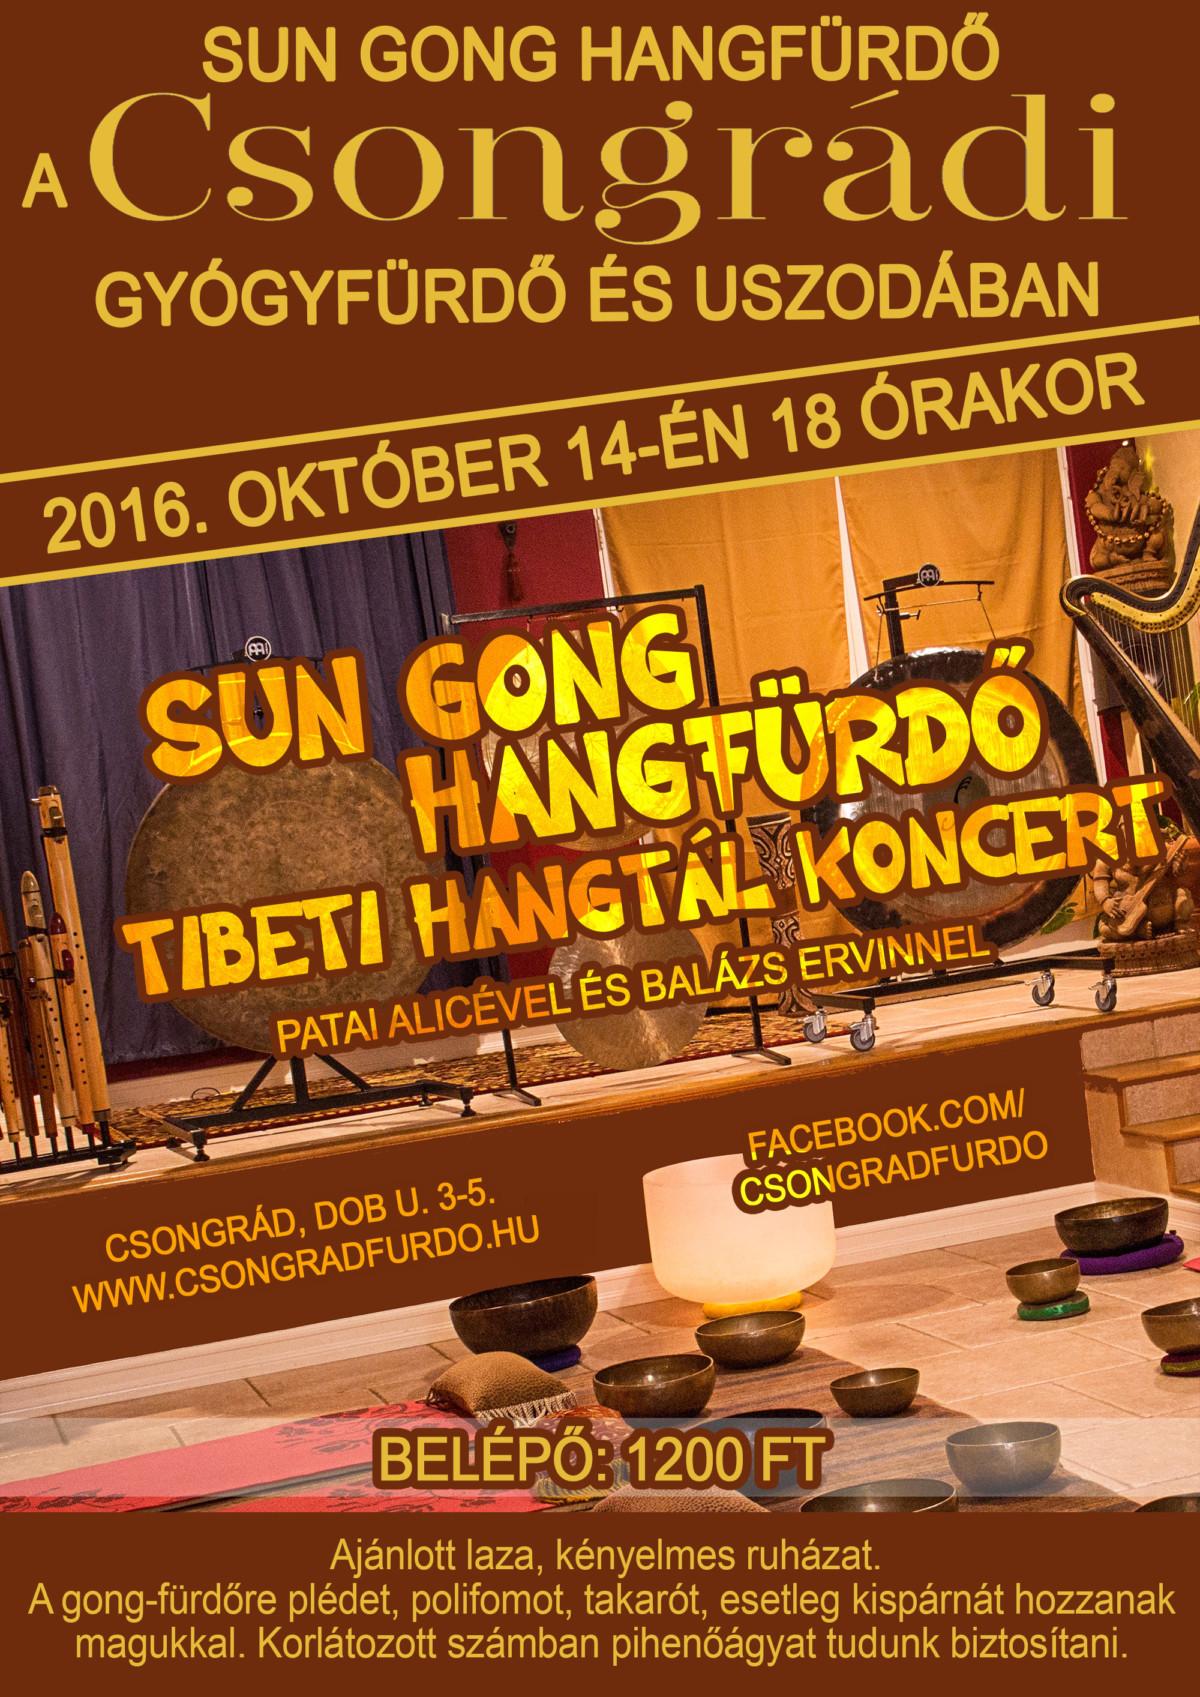 hangfurdo_20161014